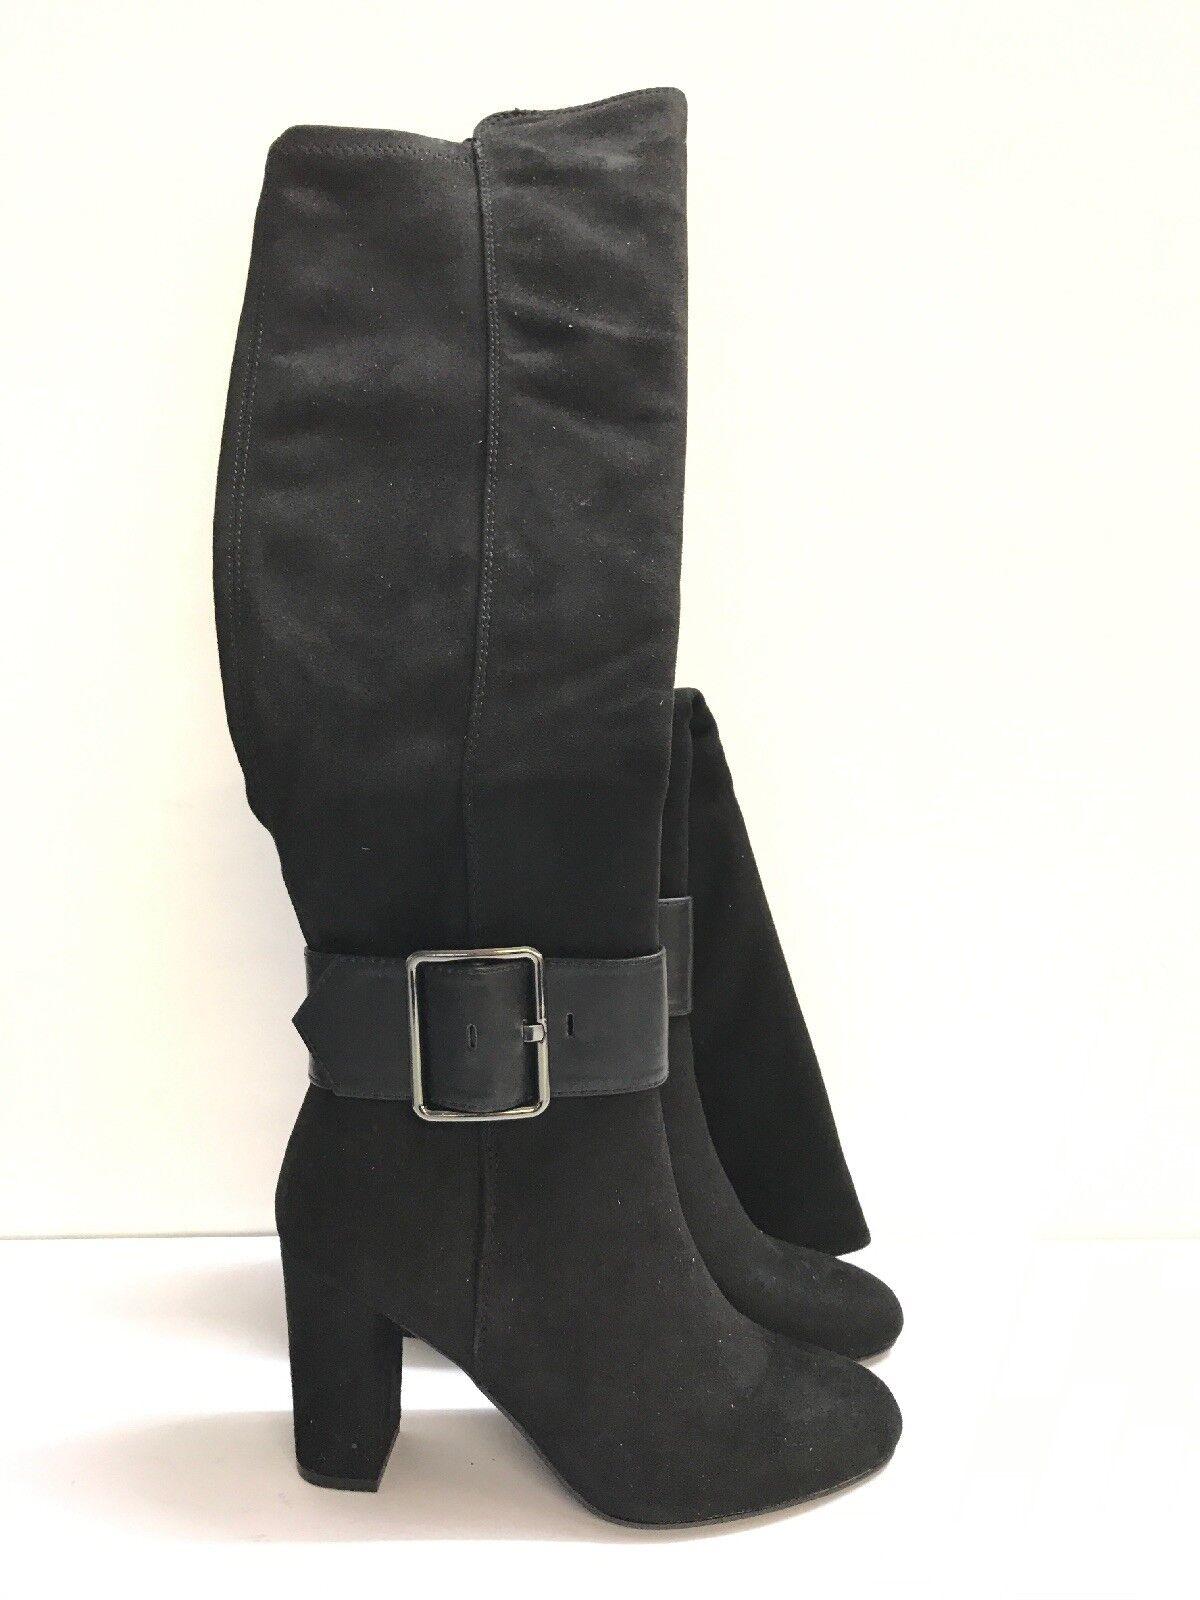 STAR COLLECTION Pour Femme Talon Bloc Bottes Hautes Noir Taille EU 38